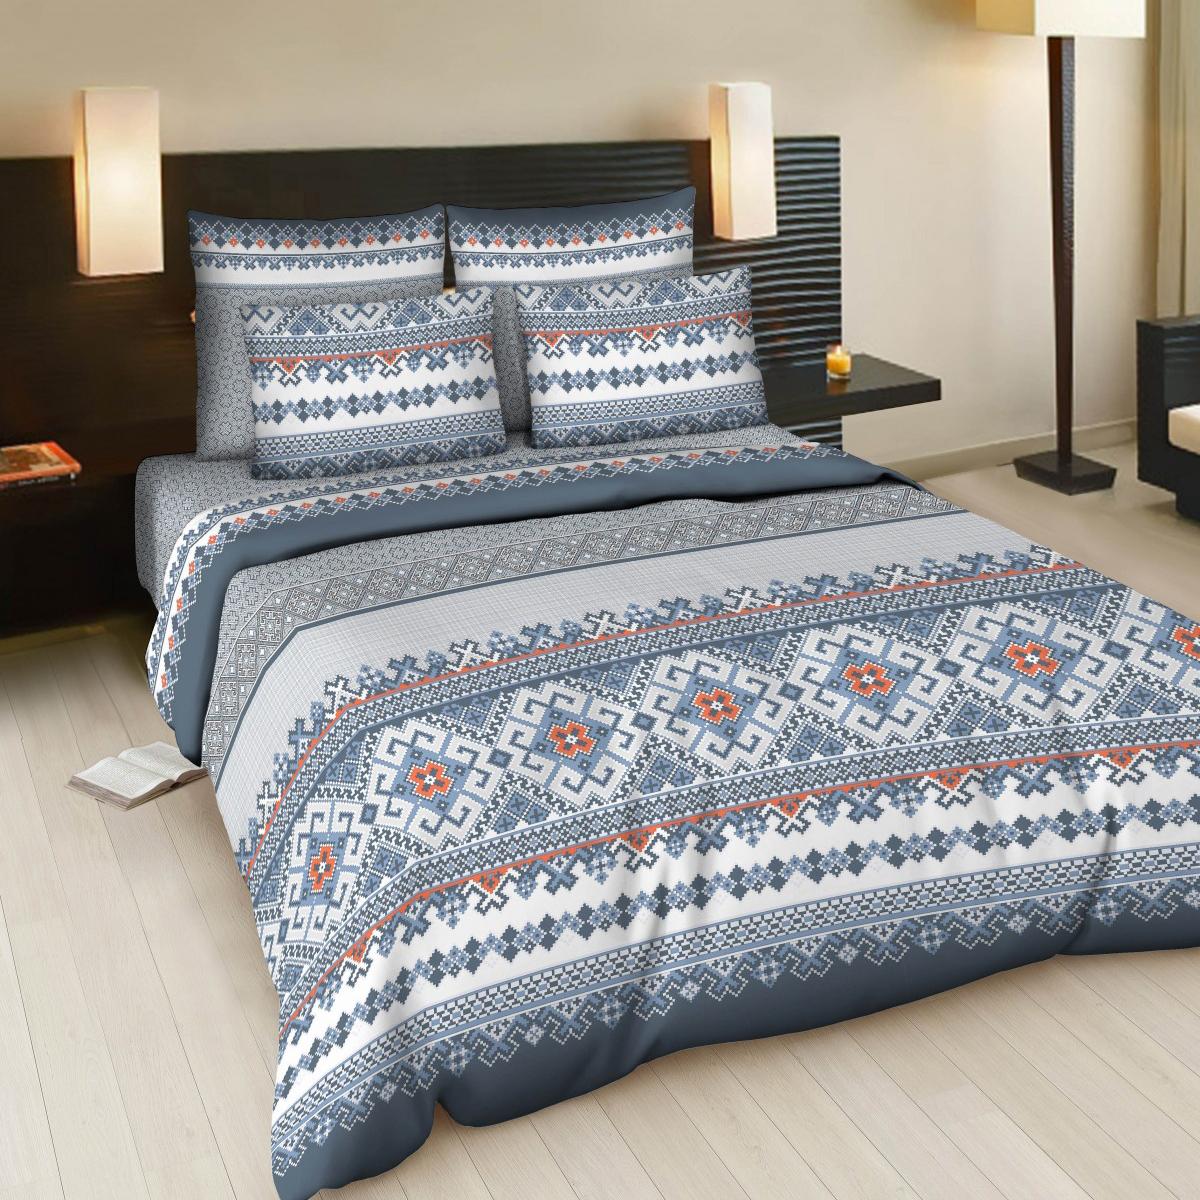 Комплект белья Letto Народные узоры, 2-спальный, наволочки 70х70, цвет: синий, белыйВ85-4Комплект постельного белья Letto Народные узоры выполнен из бязи (100% натурального хлопка). Комплект состоит из пододеяльника, простыни и двух наволочек. Постельное белье оформлено ярким красочным рисунком.Гладкая структура делает ткань приятной на ощупь, мягкой и нежной, при этом она прочная и хорошо сохраняет форму. Благодаря такому комплекту постельного белья вы сможете создать атмосферу роскоши и романтики в вашей спальне.Советы по выбору постельного белья от блогера Ирины Соковых. Статья OZON Гид